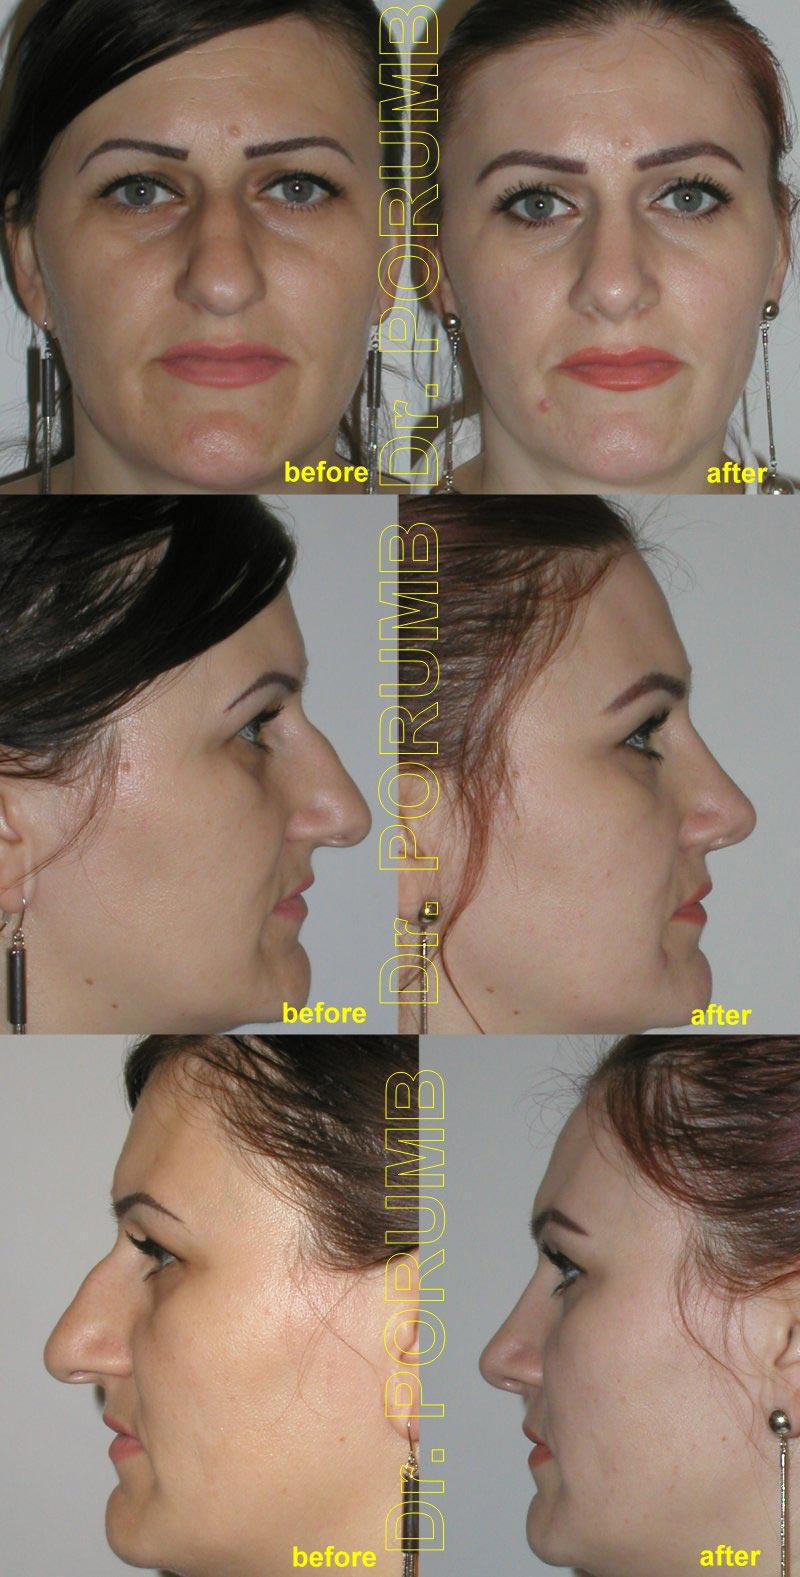 Pacienta de 36 ani, nemultumita de aspectul estetic al nasului, de marimea